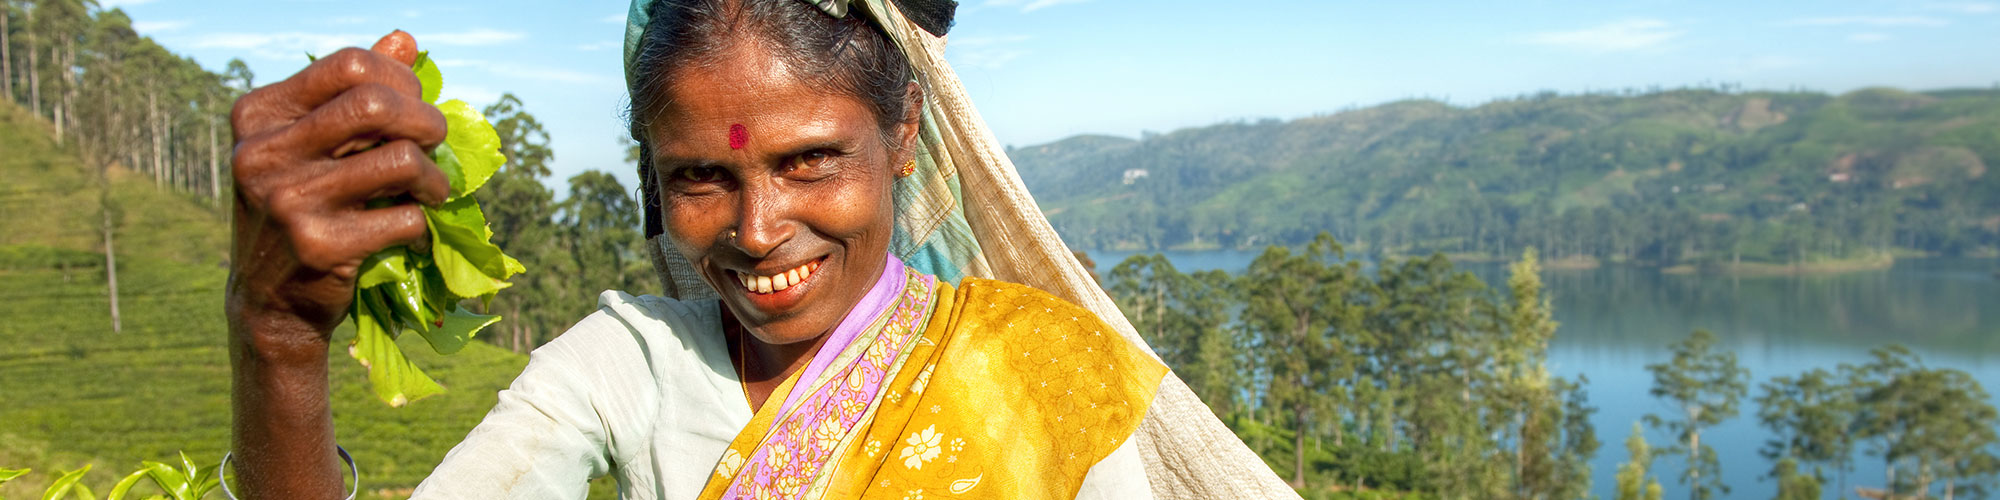 Sri Lanka Teeplantagen & Berge: Die Hauptattraktionen